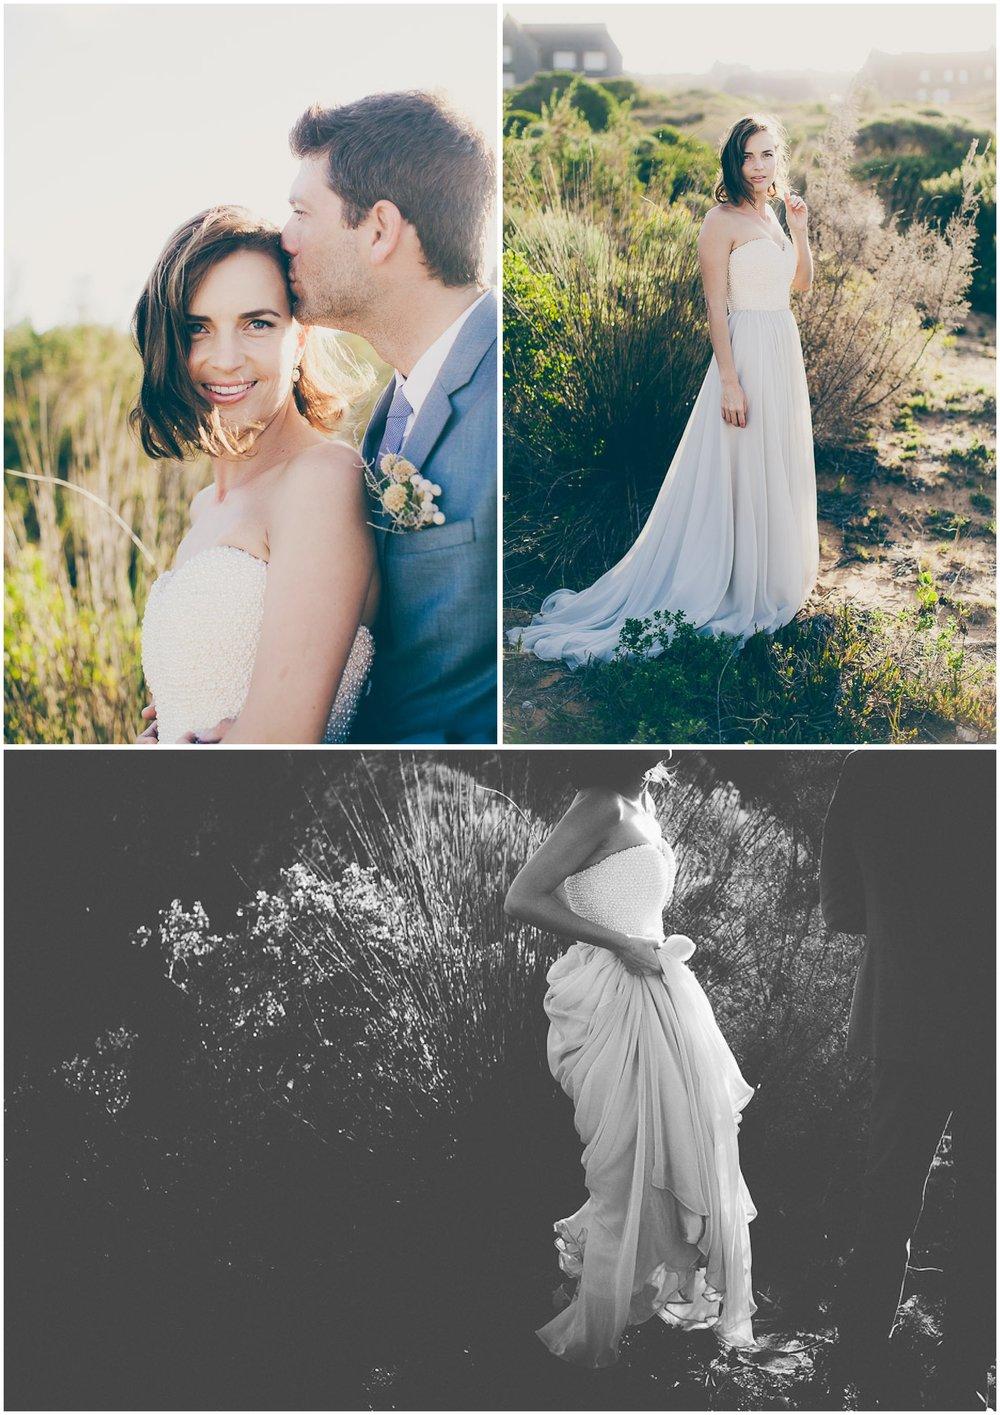 Matt&LaurenTaylor_FionaClair-159.jpg